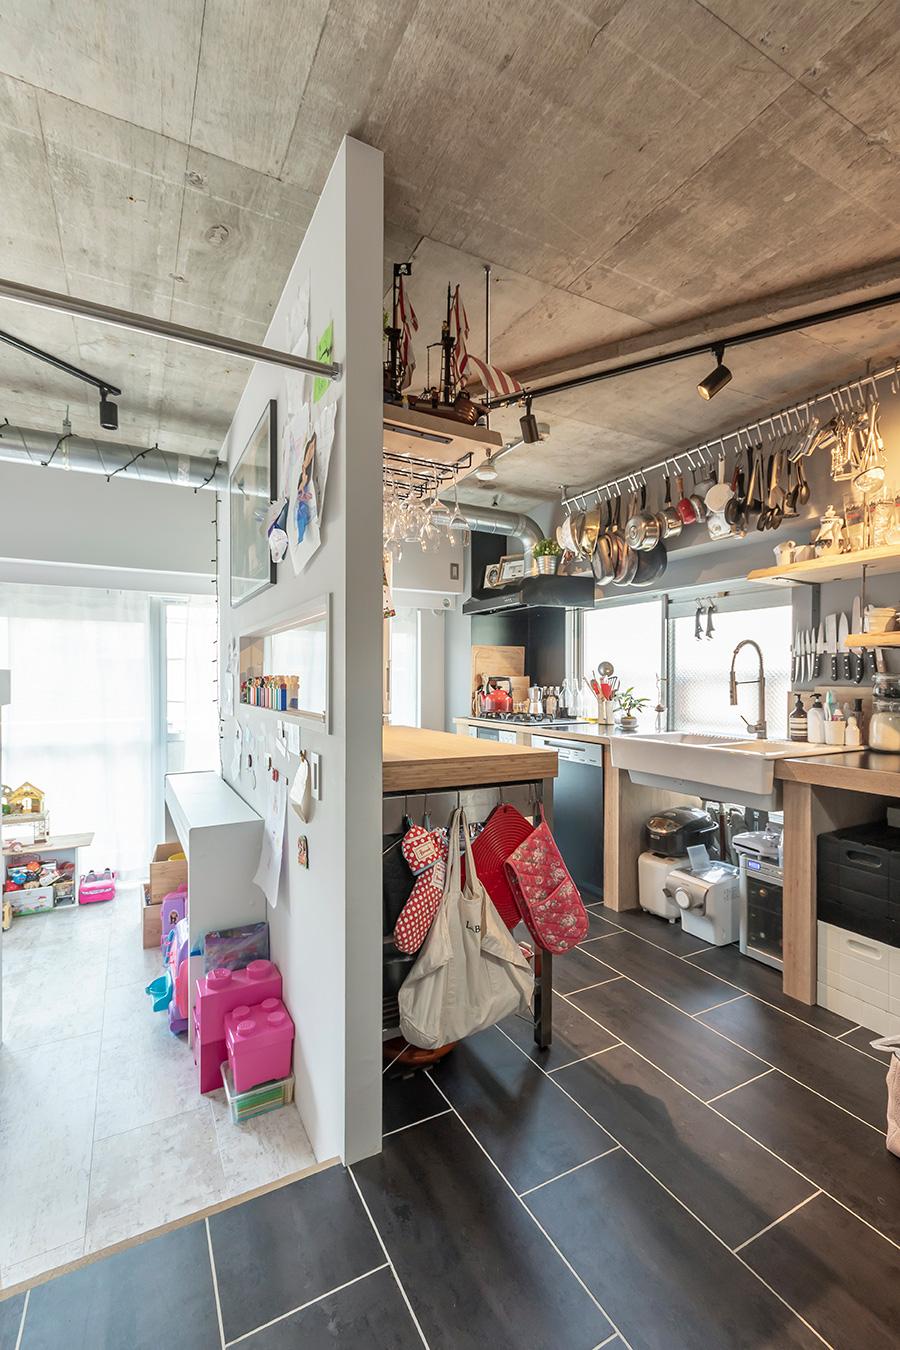 キッチンと子供部屋を仕切るパーテーション。